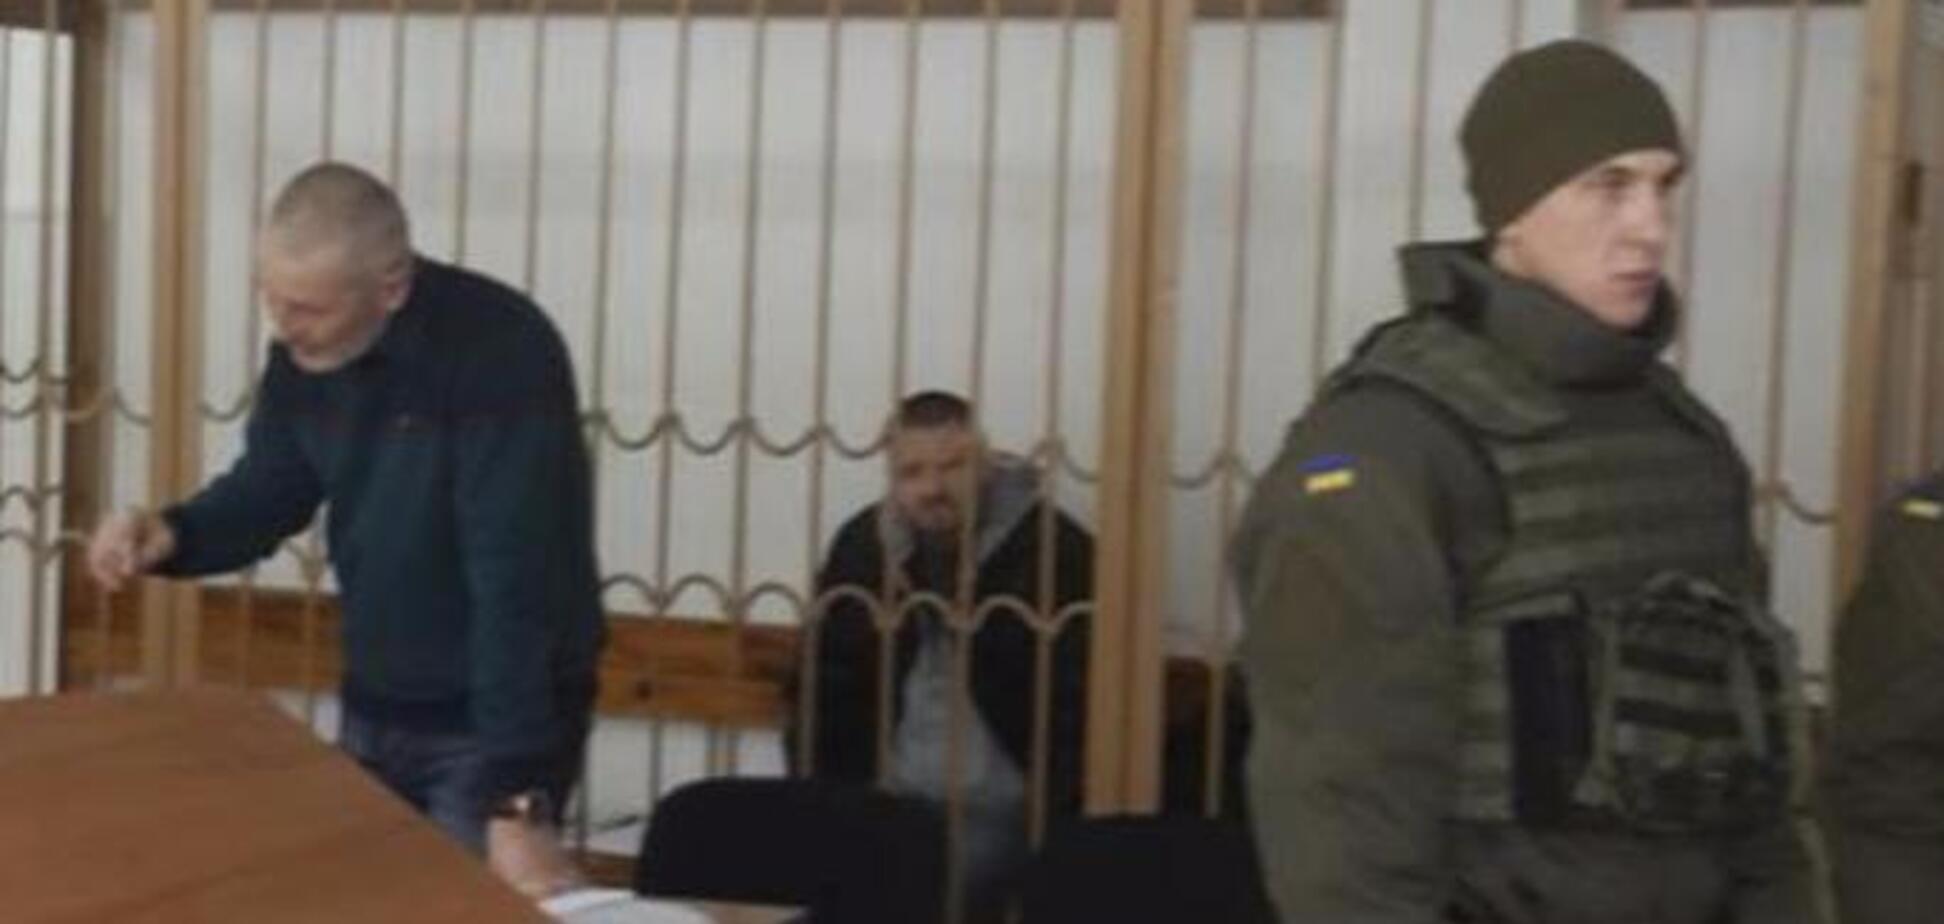 'Исполнял долг': в Мариуполе пограничнику дали 13 лет за расстрел сепаратиста